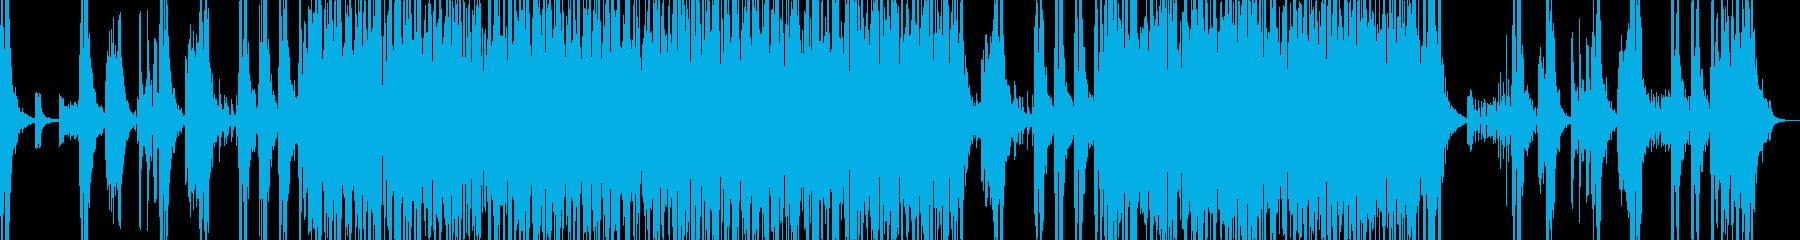 和太鼓等のリズムアンサンブルの再生済みの波形